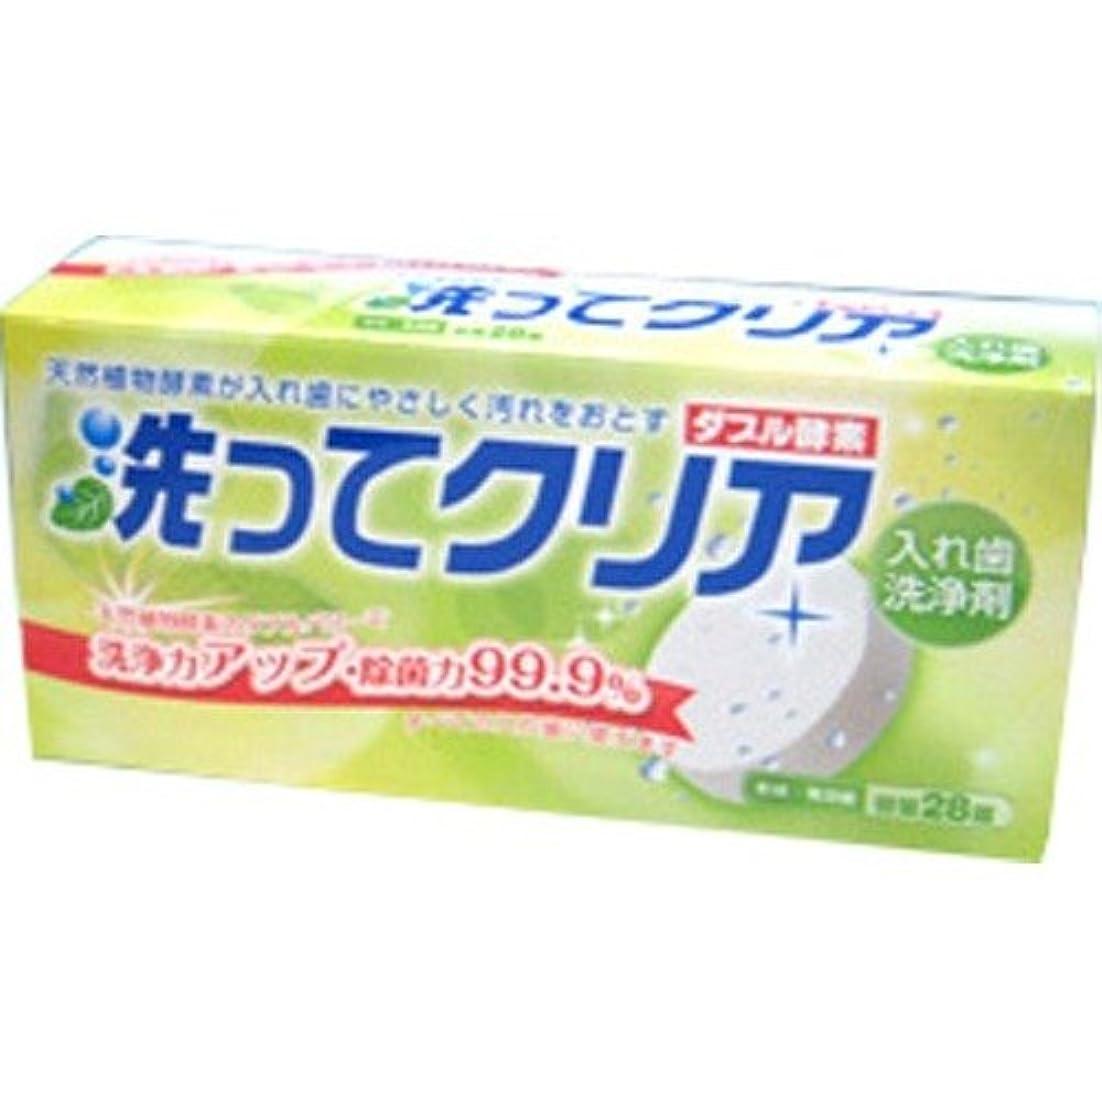 雪だるまスパン量東伸洋行株式会社 洗ってクリア ダブル酵素 28錠 入れ歯洗浄剤